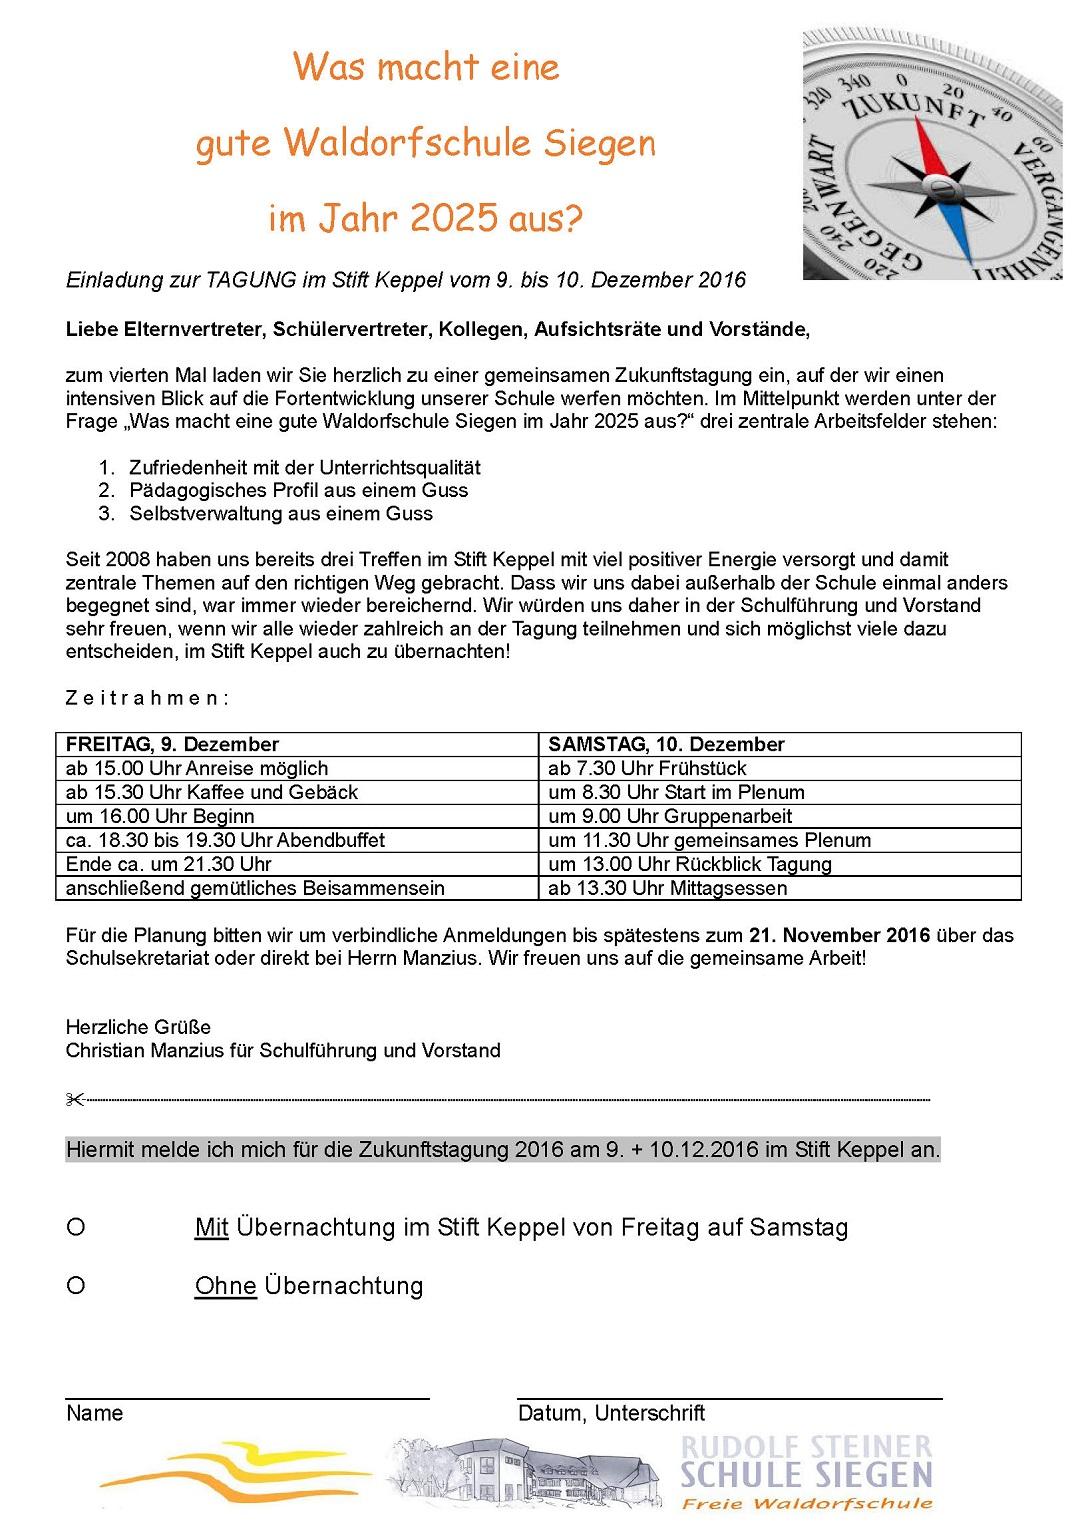 info-und-anmeldung-stift-keppel-2